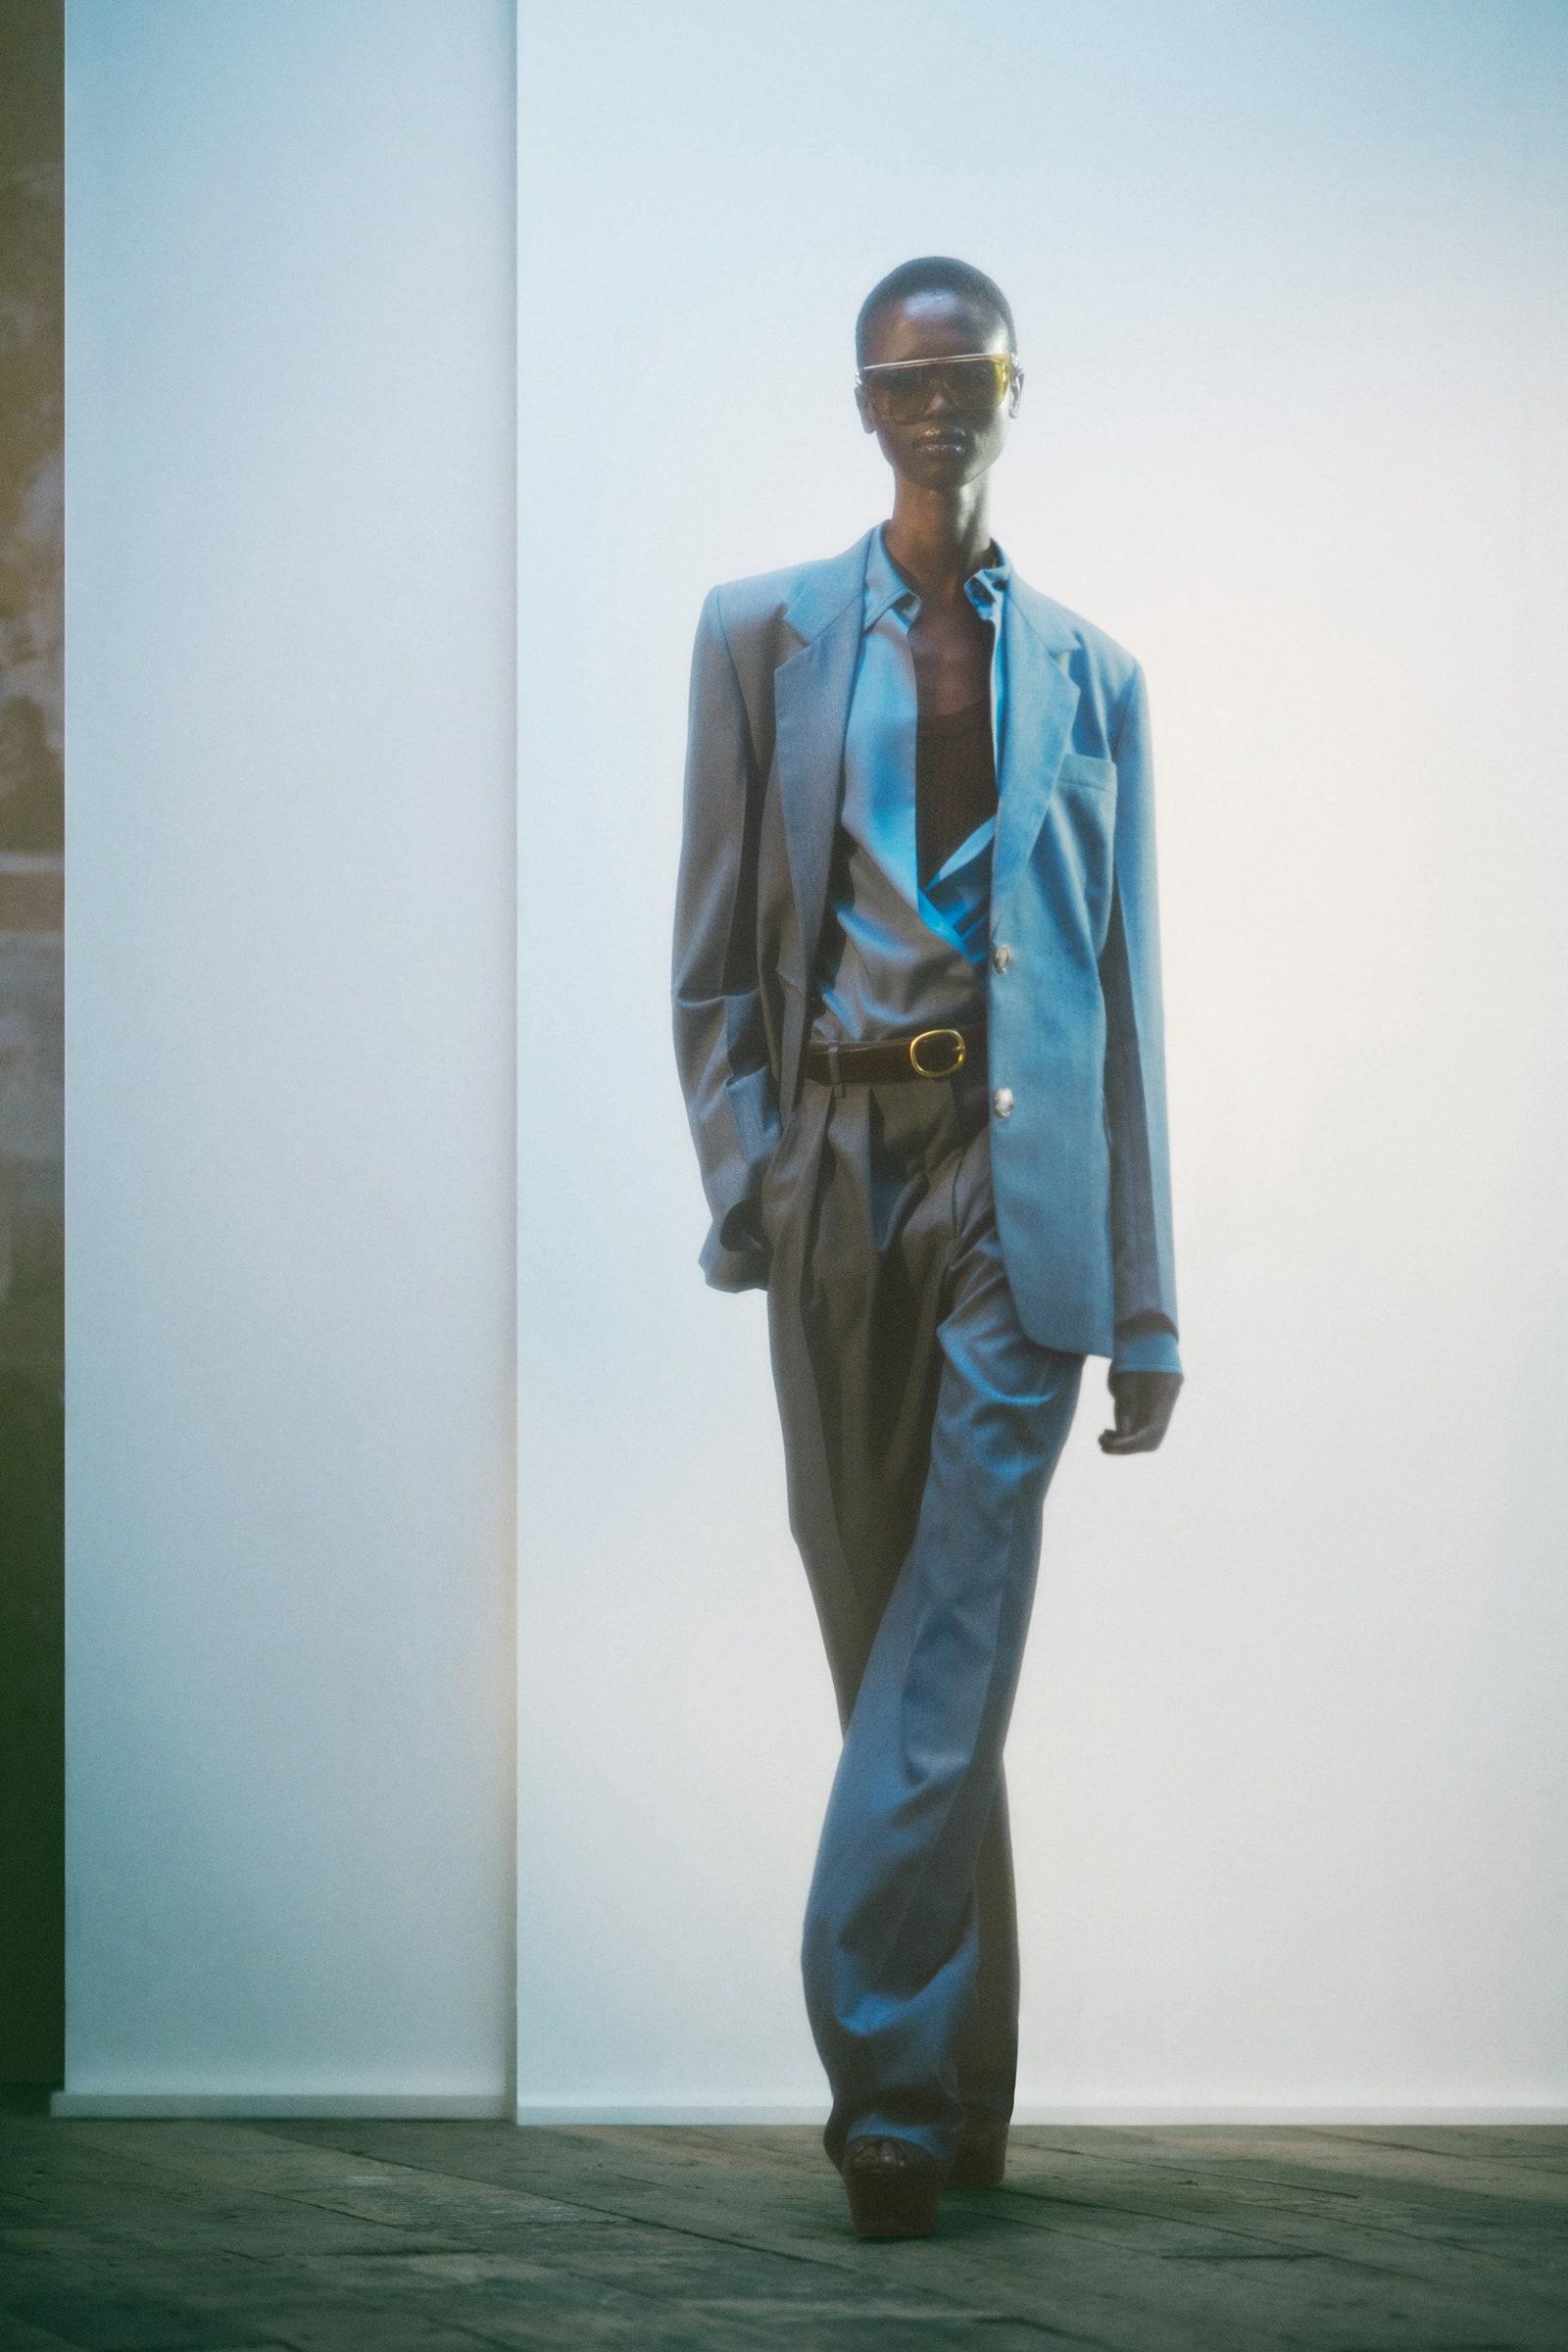 Săptămâna Modei din Londra   Muza supremă din colecția primăvară/vară 2022 a Victoriei Beckham